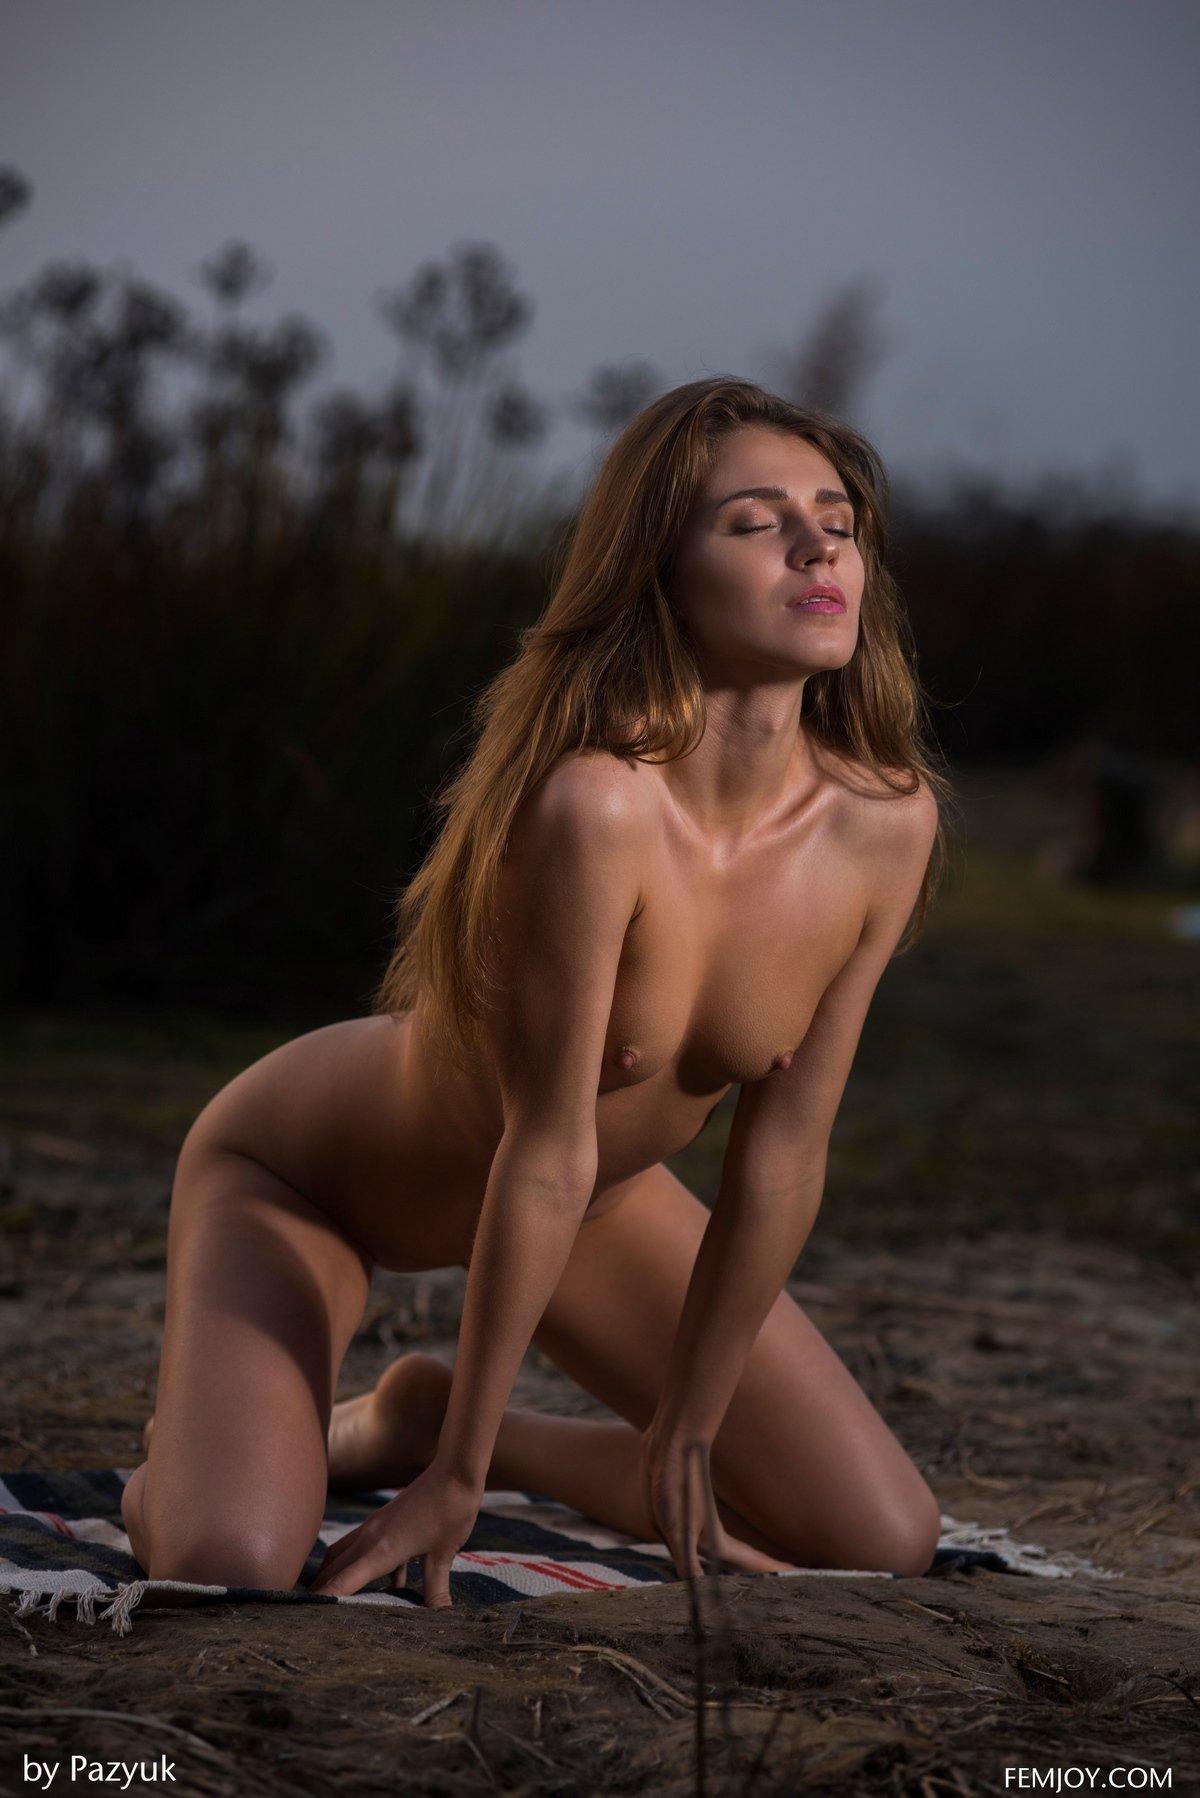 Худенькая девушка в трусиках на берегу реки